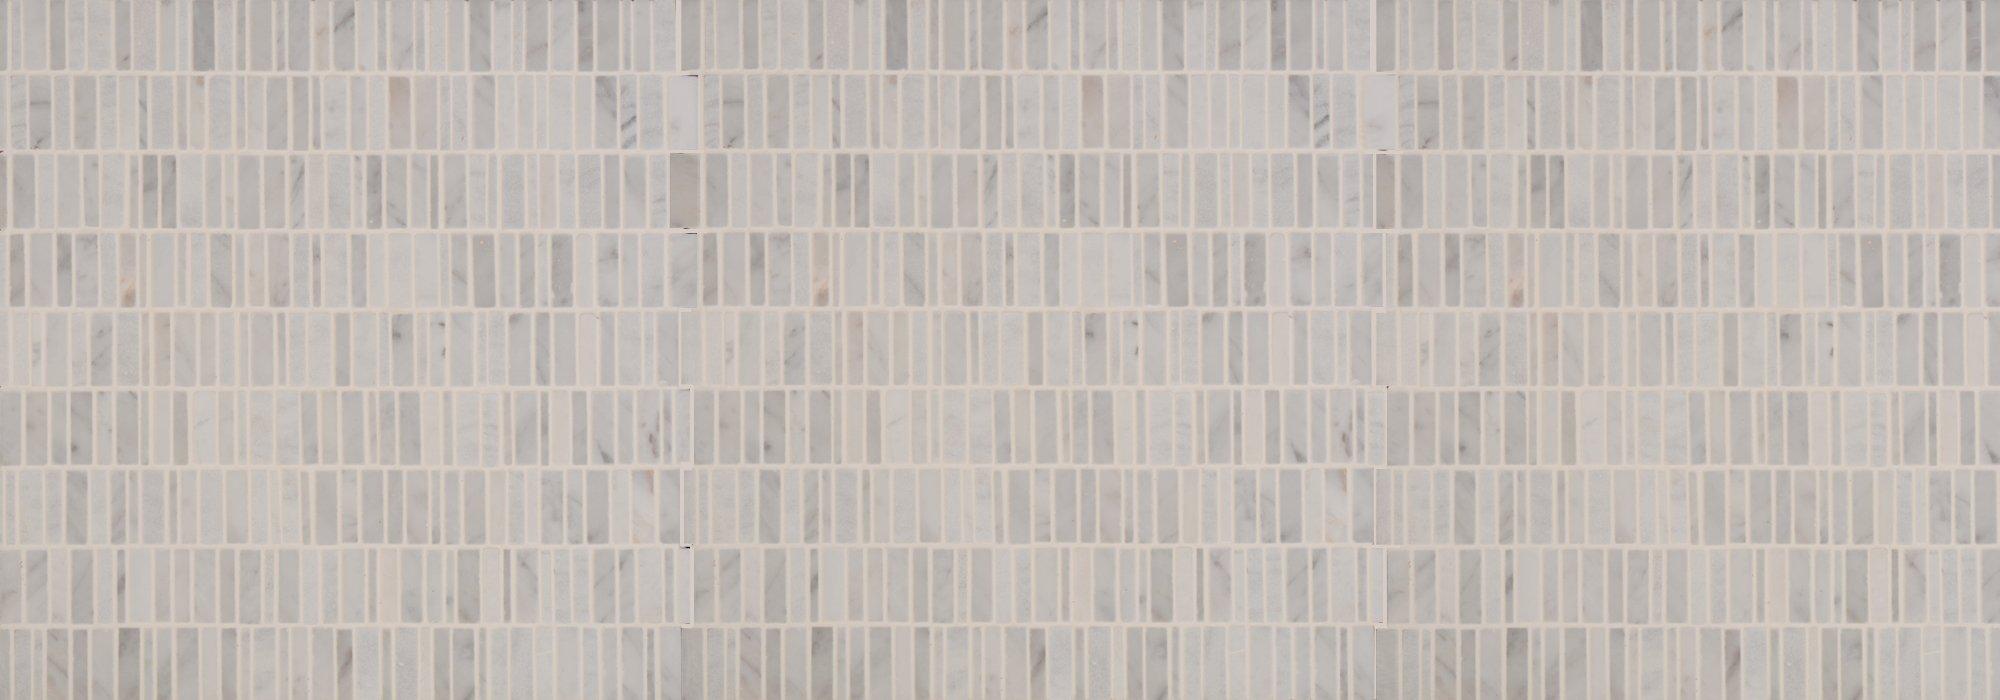 פסיפס אבן מקלות קררה by Milstone